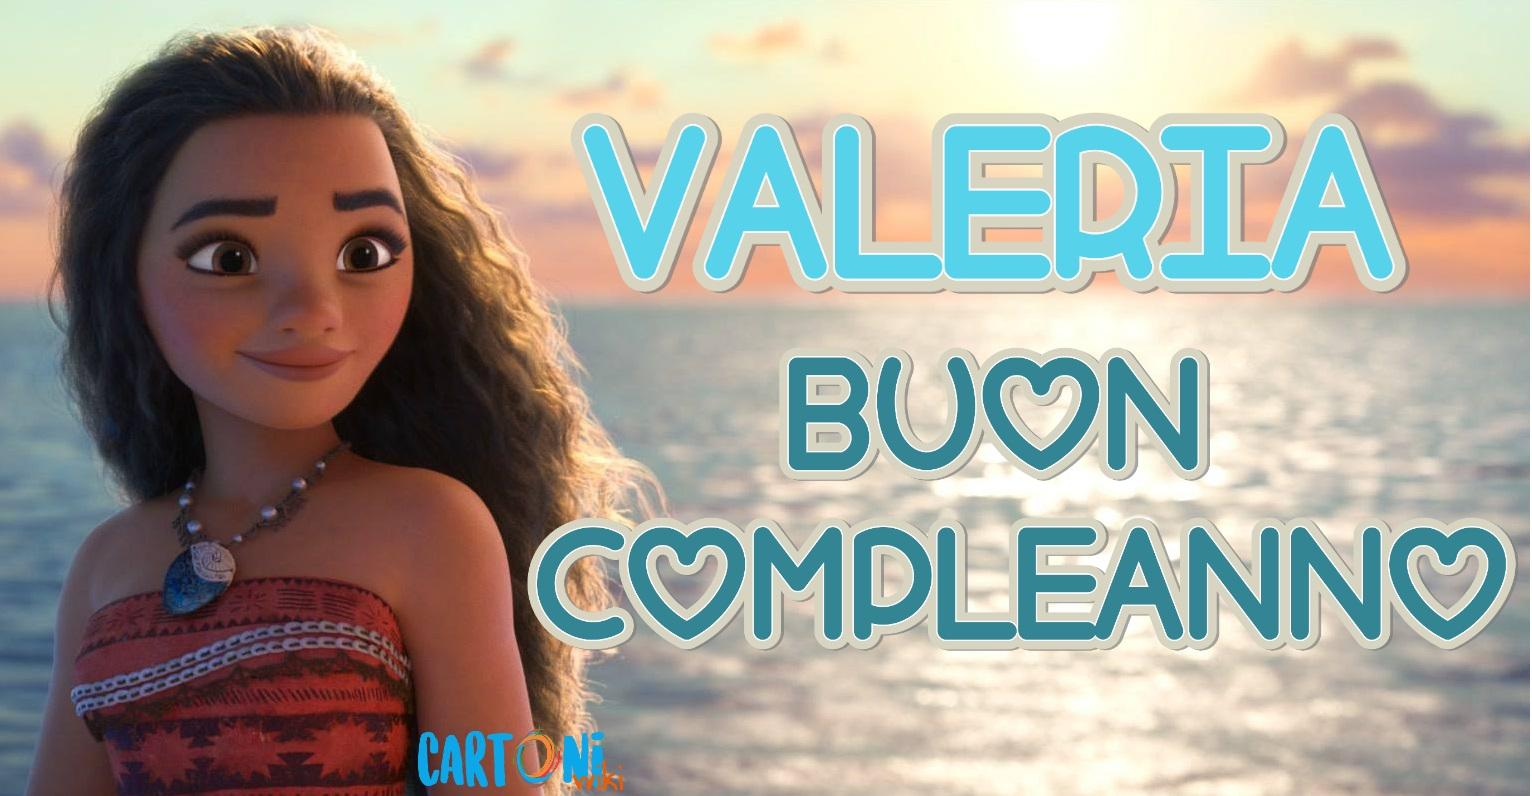 Valeria buon compleanno - Valeria